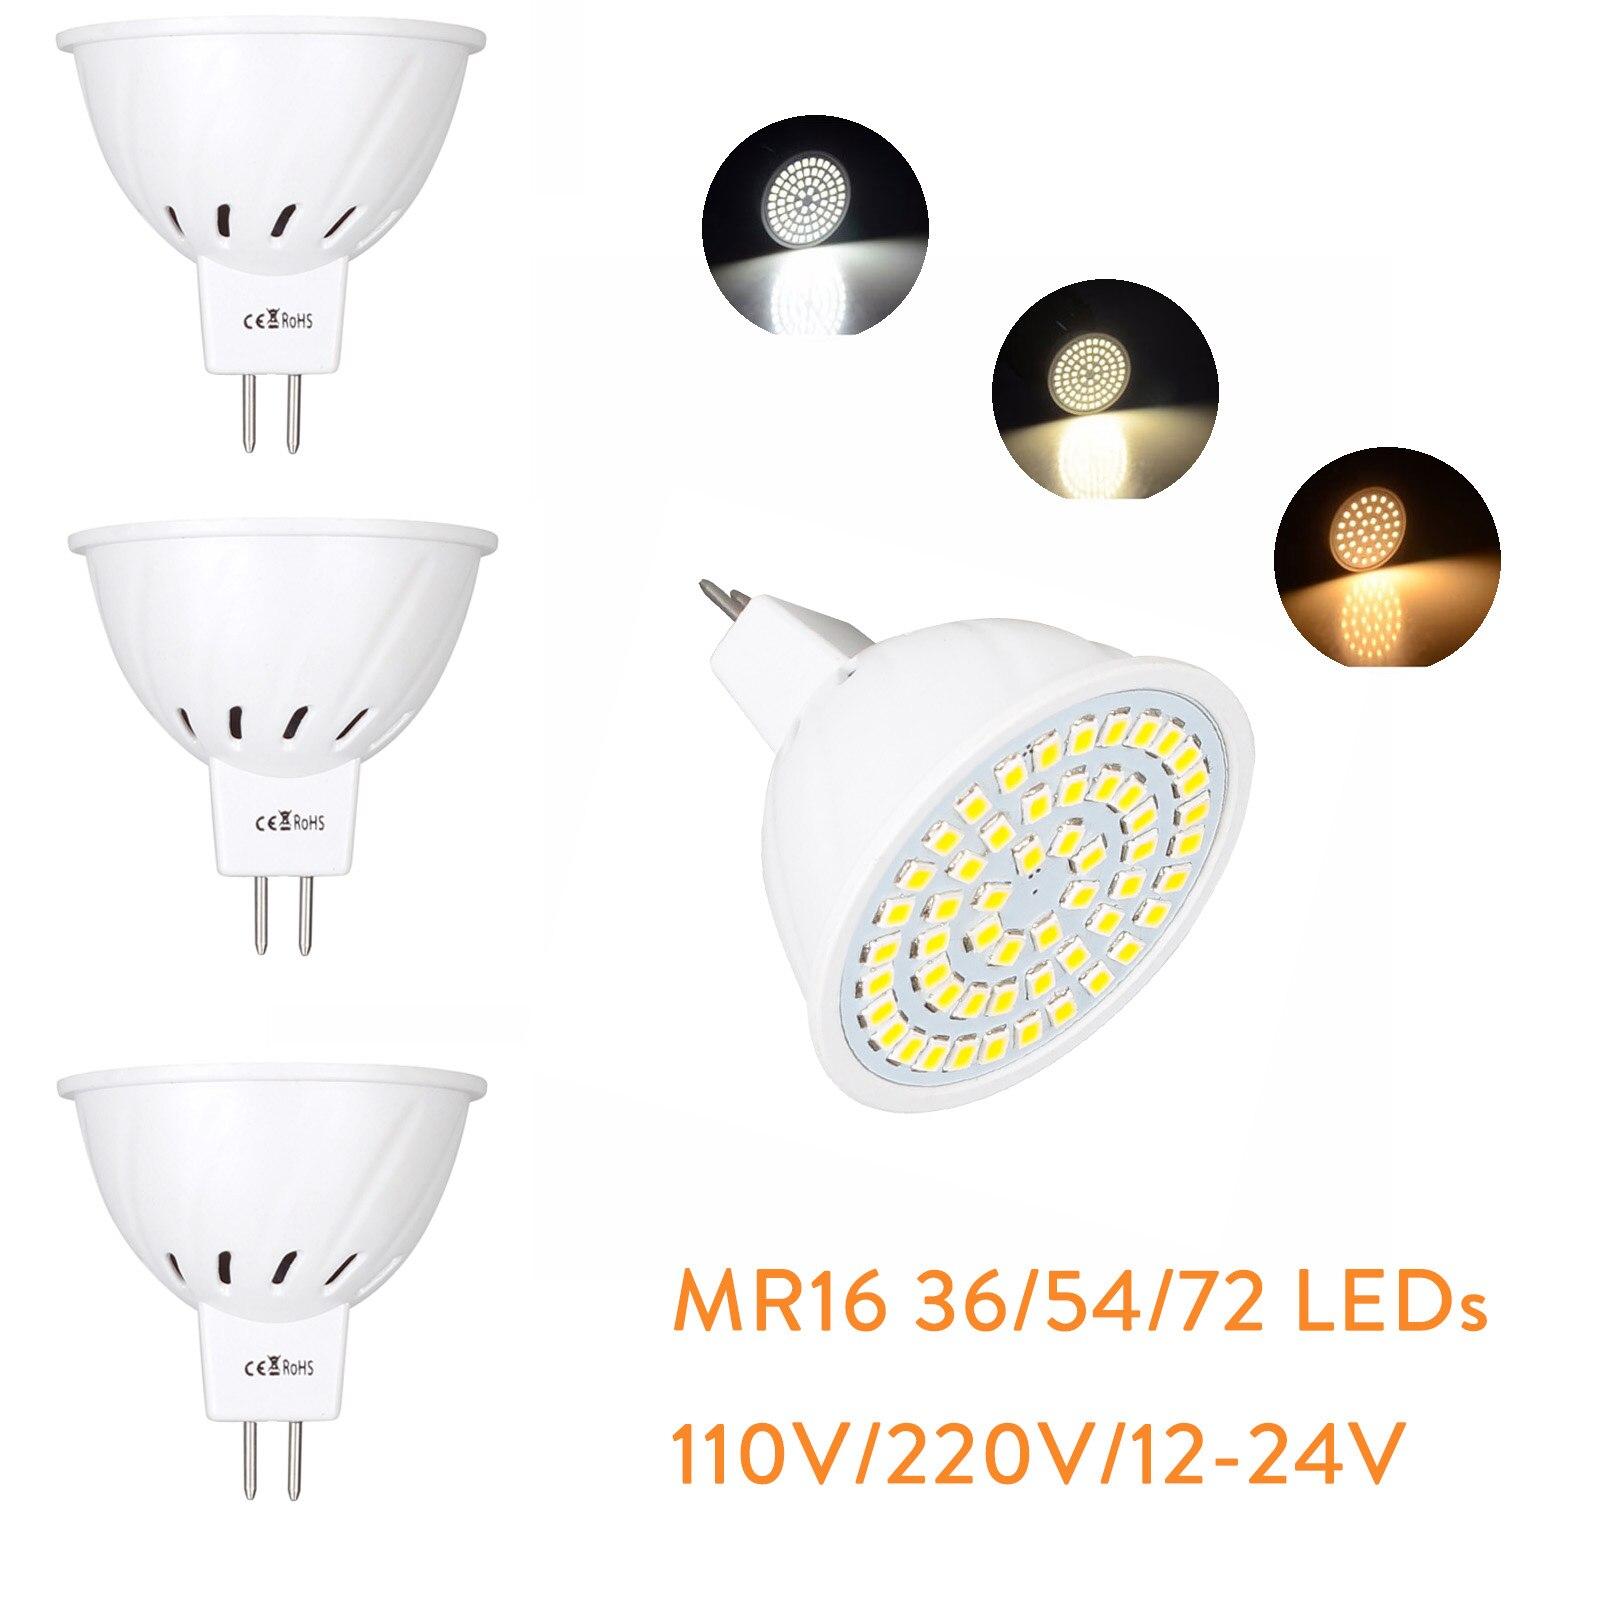 MR16 12 V-24 V светодиодный лампы светильник 220V SMD 2835 Светодиодный точечный светильник с лампой мощностью 4W 6W 8W 36 54 72 светодиодный теплый холодный ...